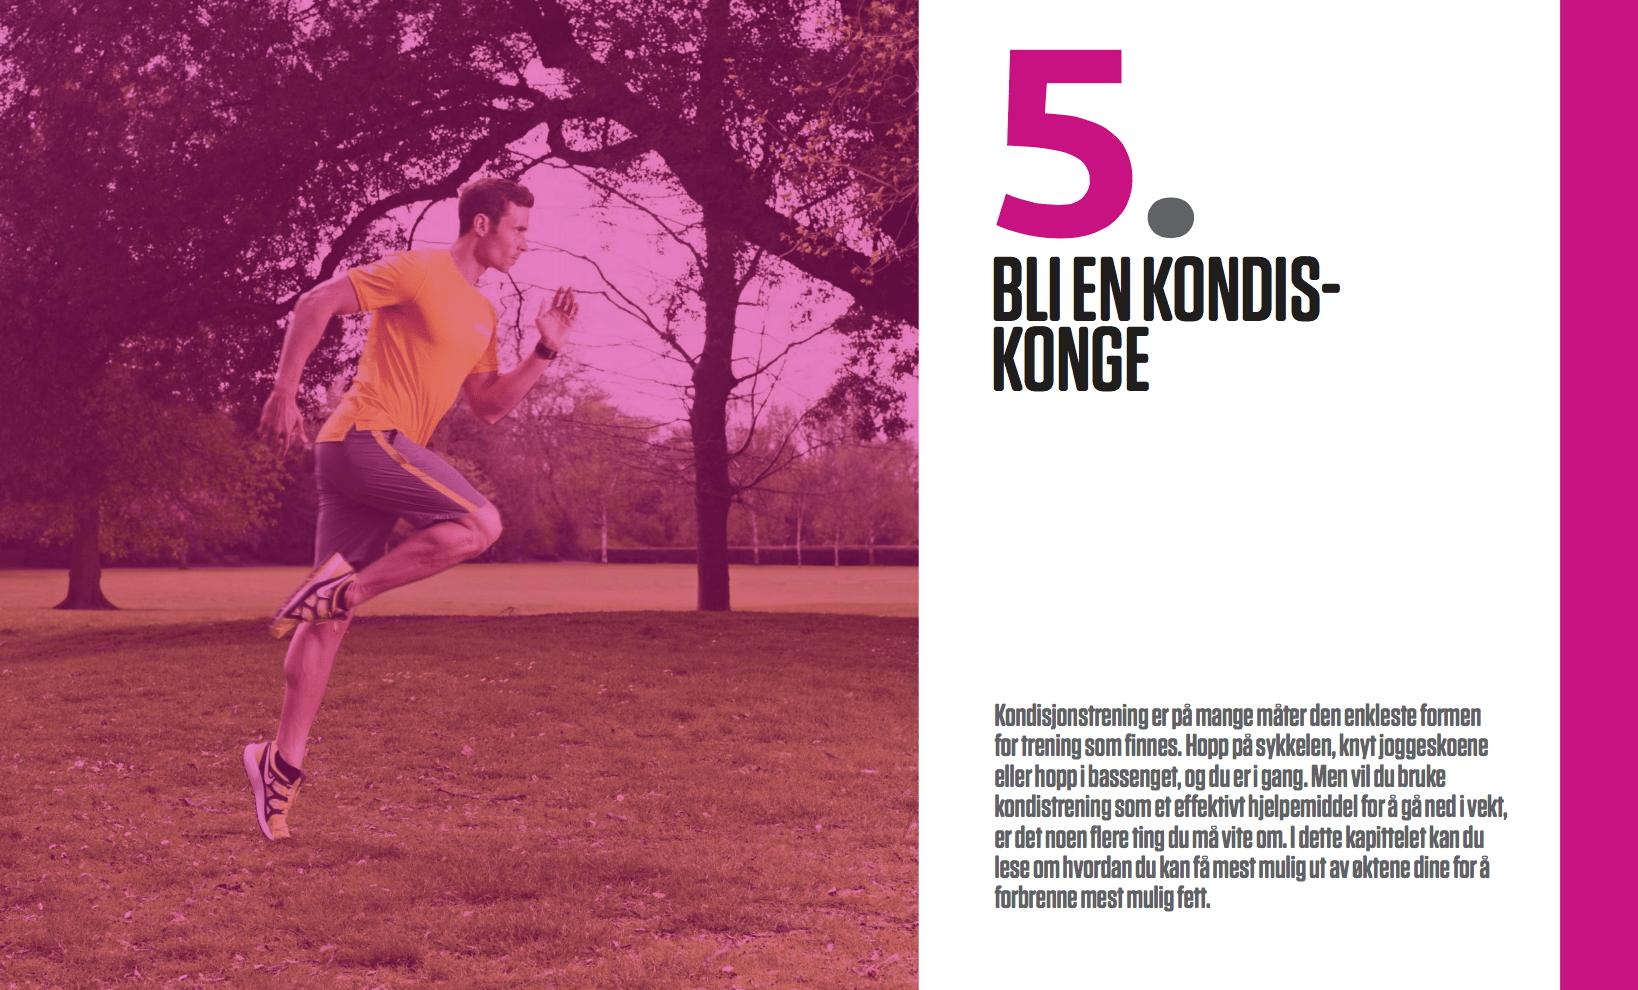 7 regler: bli en kondiskonge, oppslag